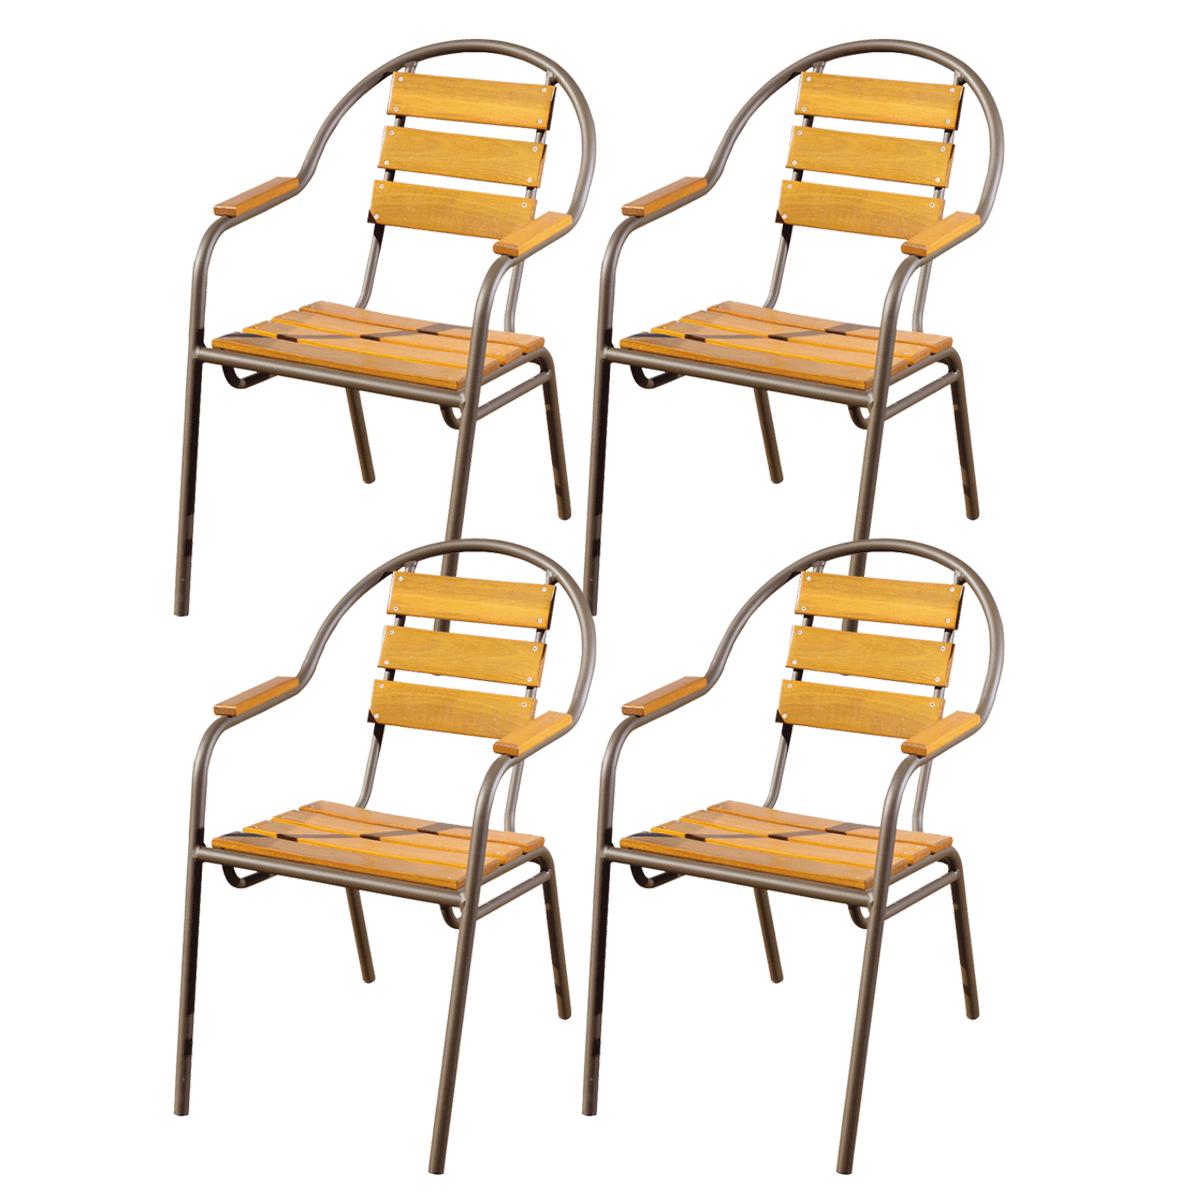 Kit 04 Cadeiras/Poltronas em Madeira e Alumínio Pintado em Marrom CMAC44.M